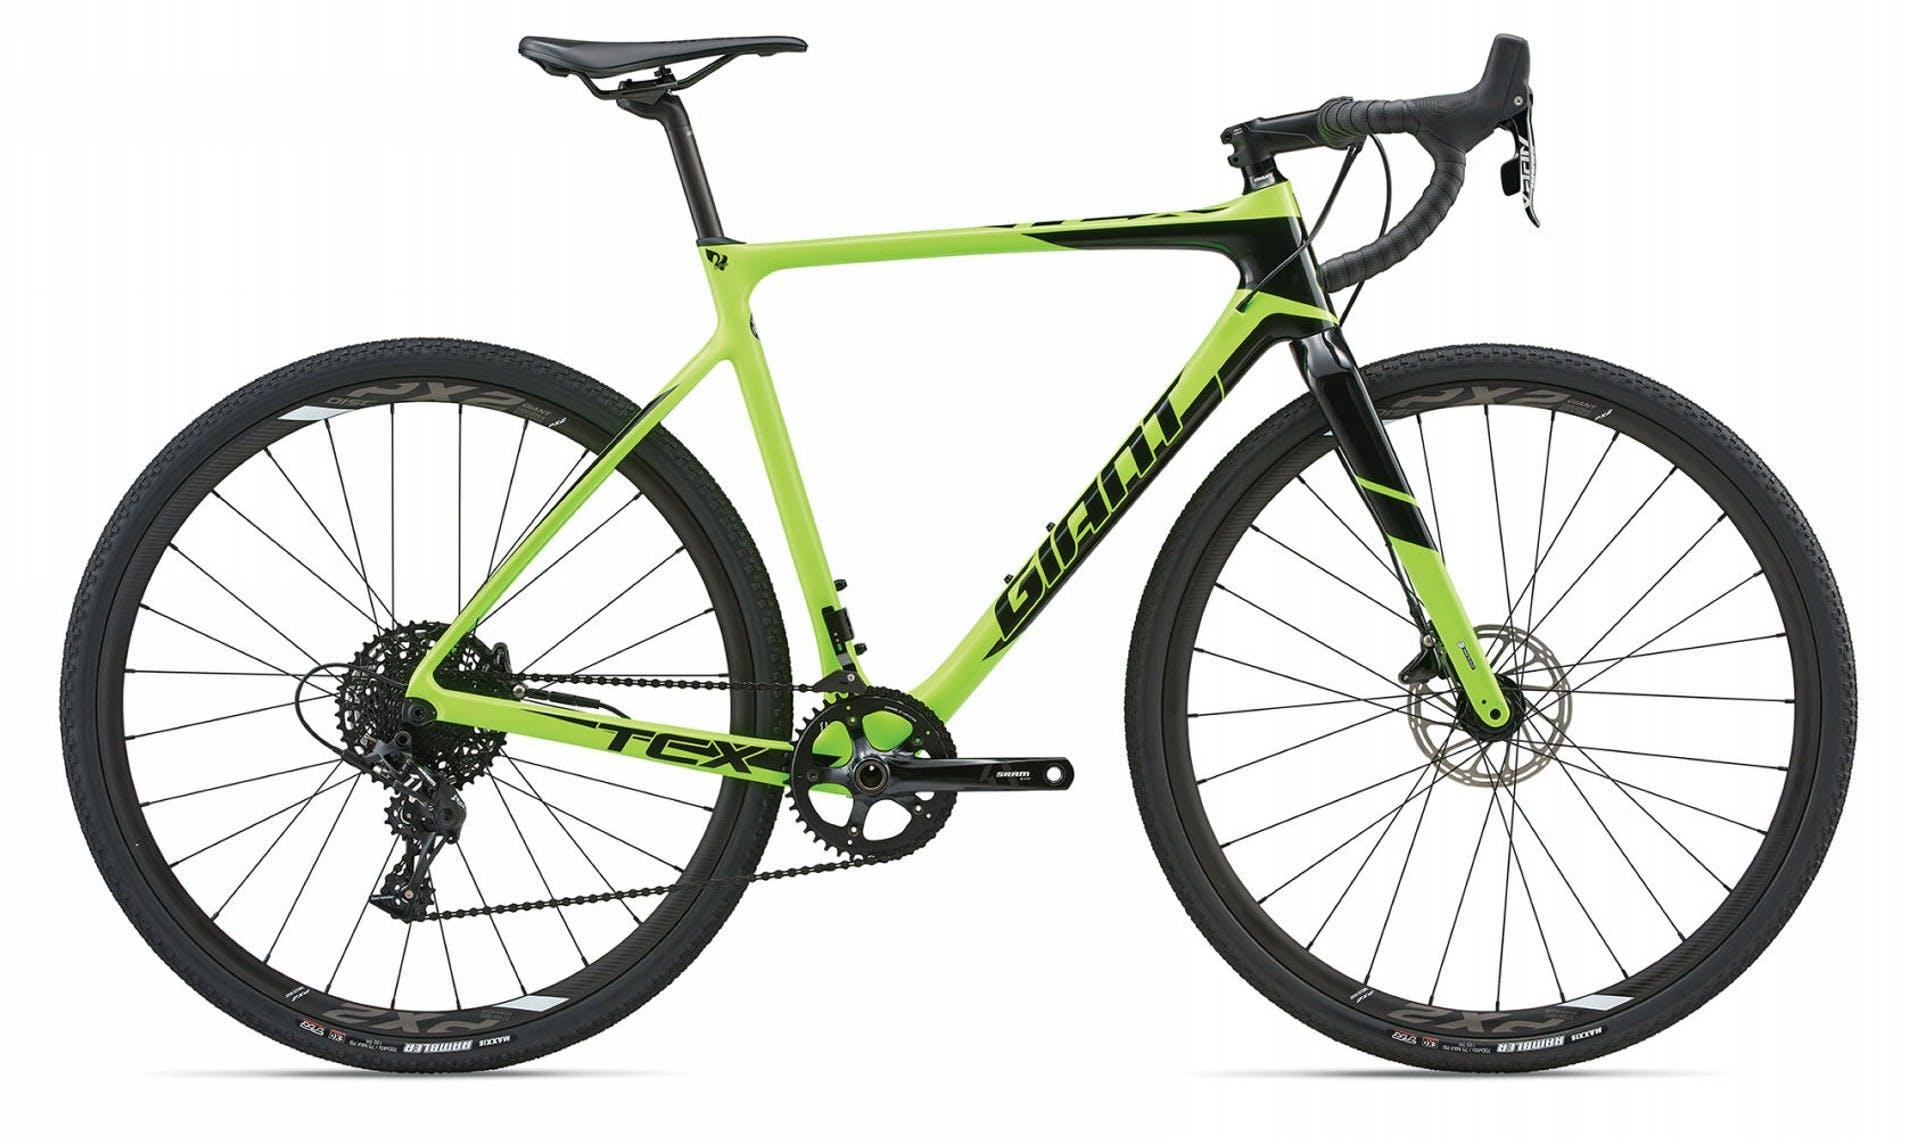 Giant TCX Advanced SX bici gravel